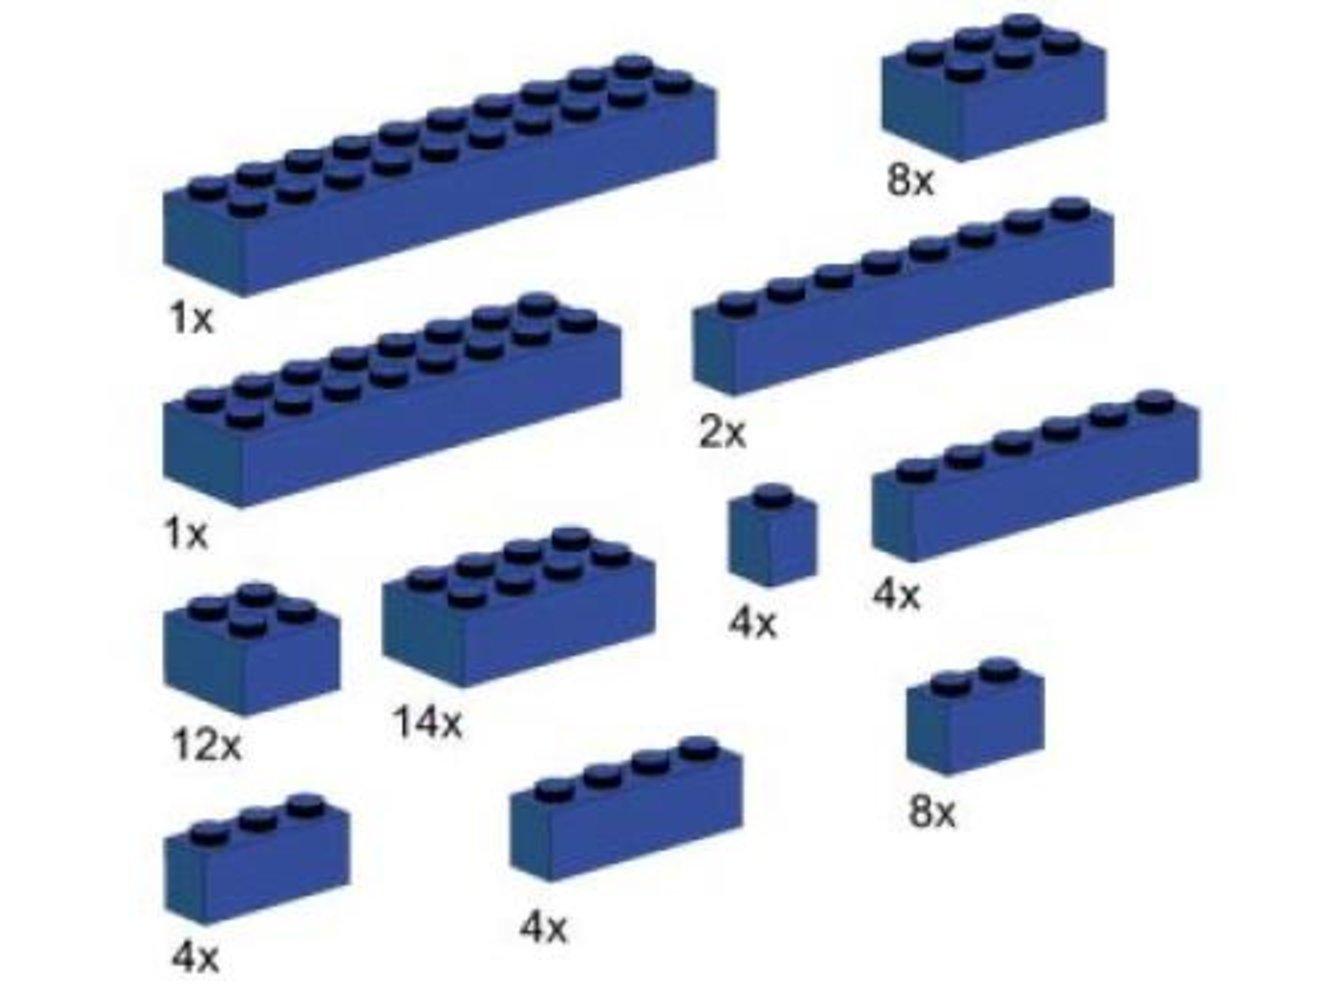 Assorted Blue Bricks